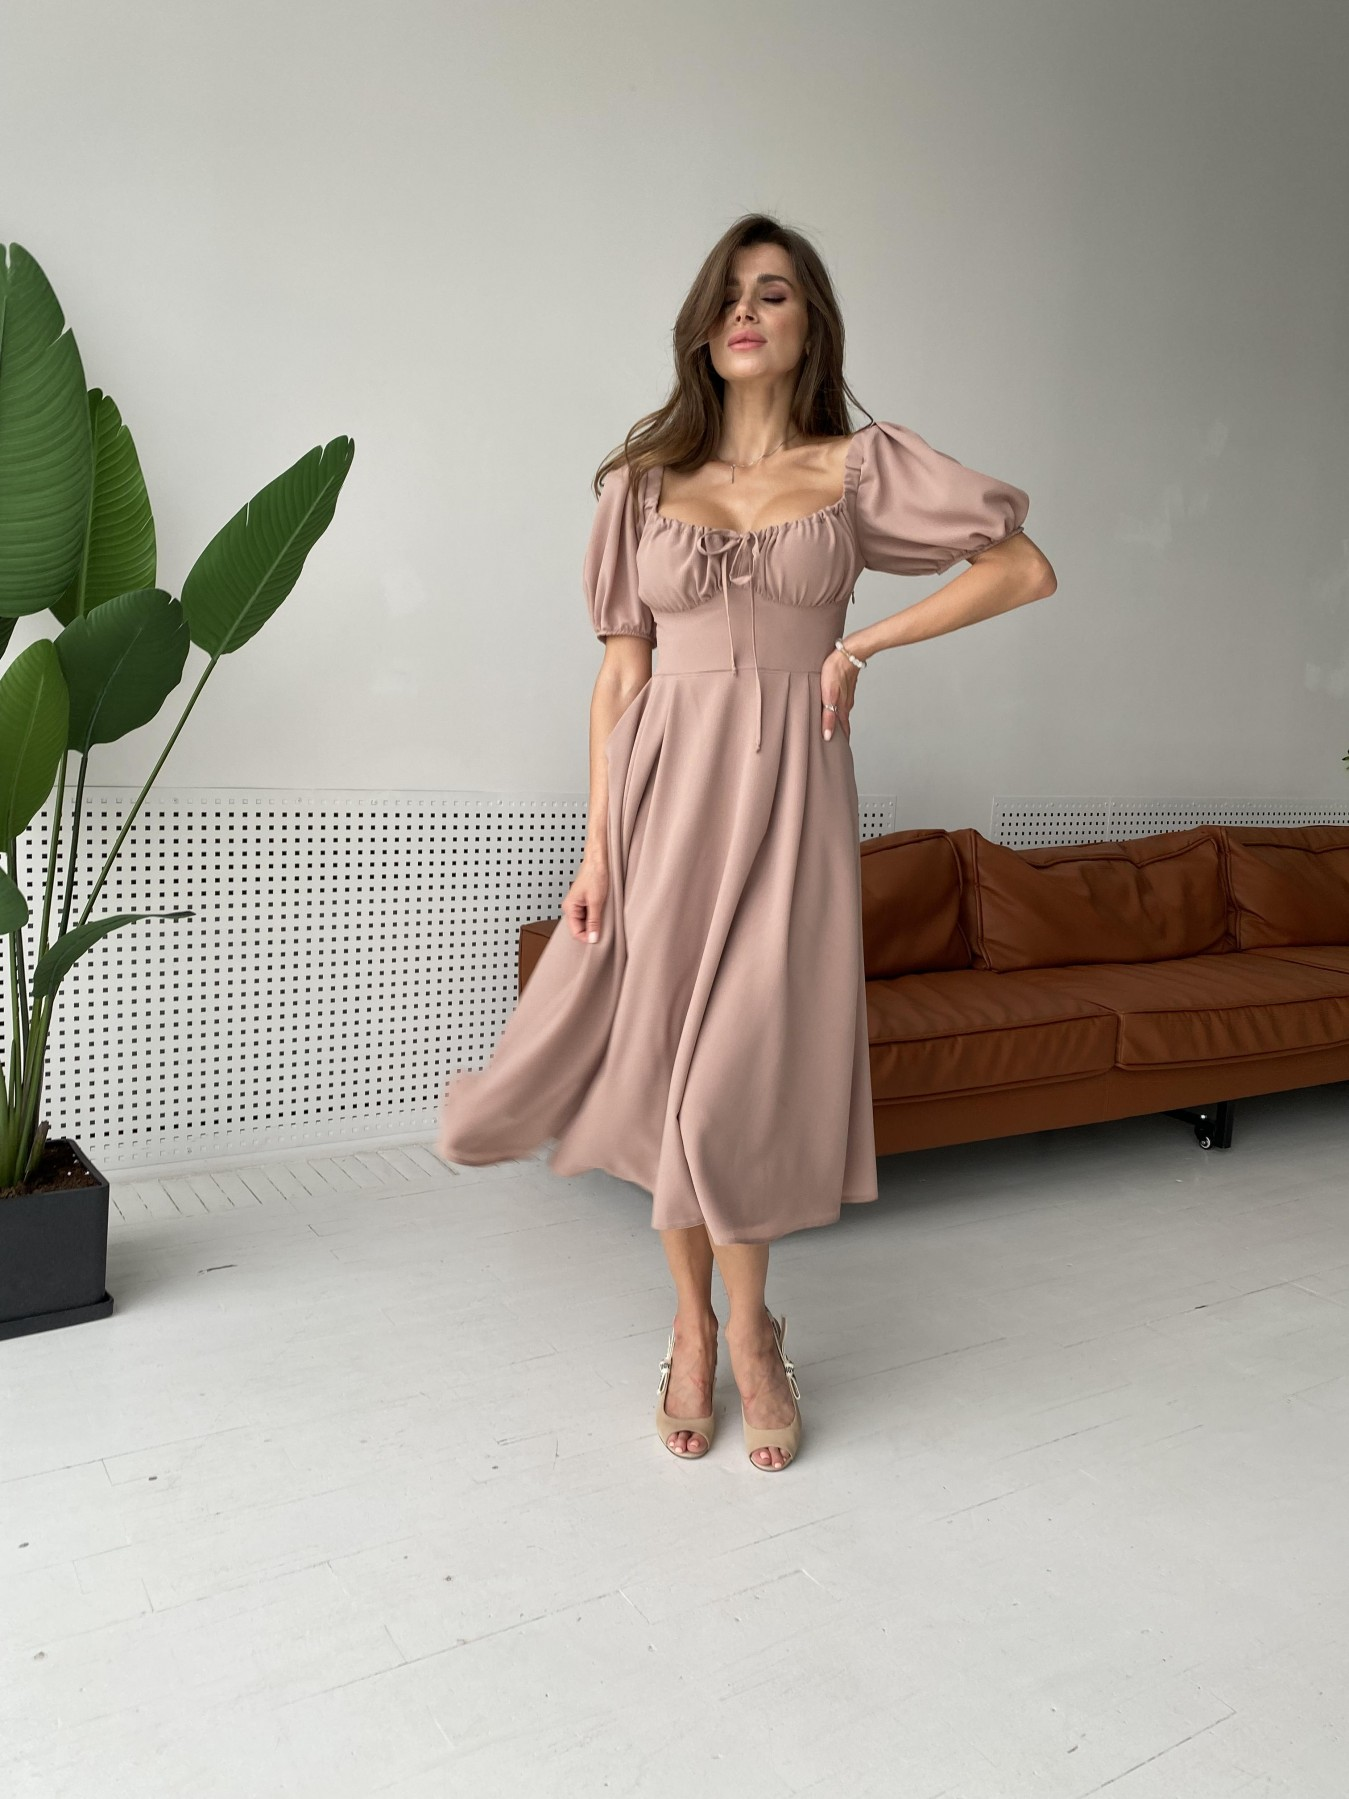 Кисес Миди платье из шифона креп 11443 АРТ. 48313 Цвет: Бежевый Темный - фото 1, интернет магазин tm-modus.ru